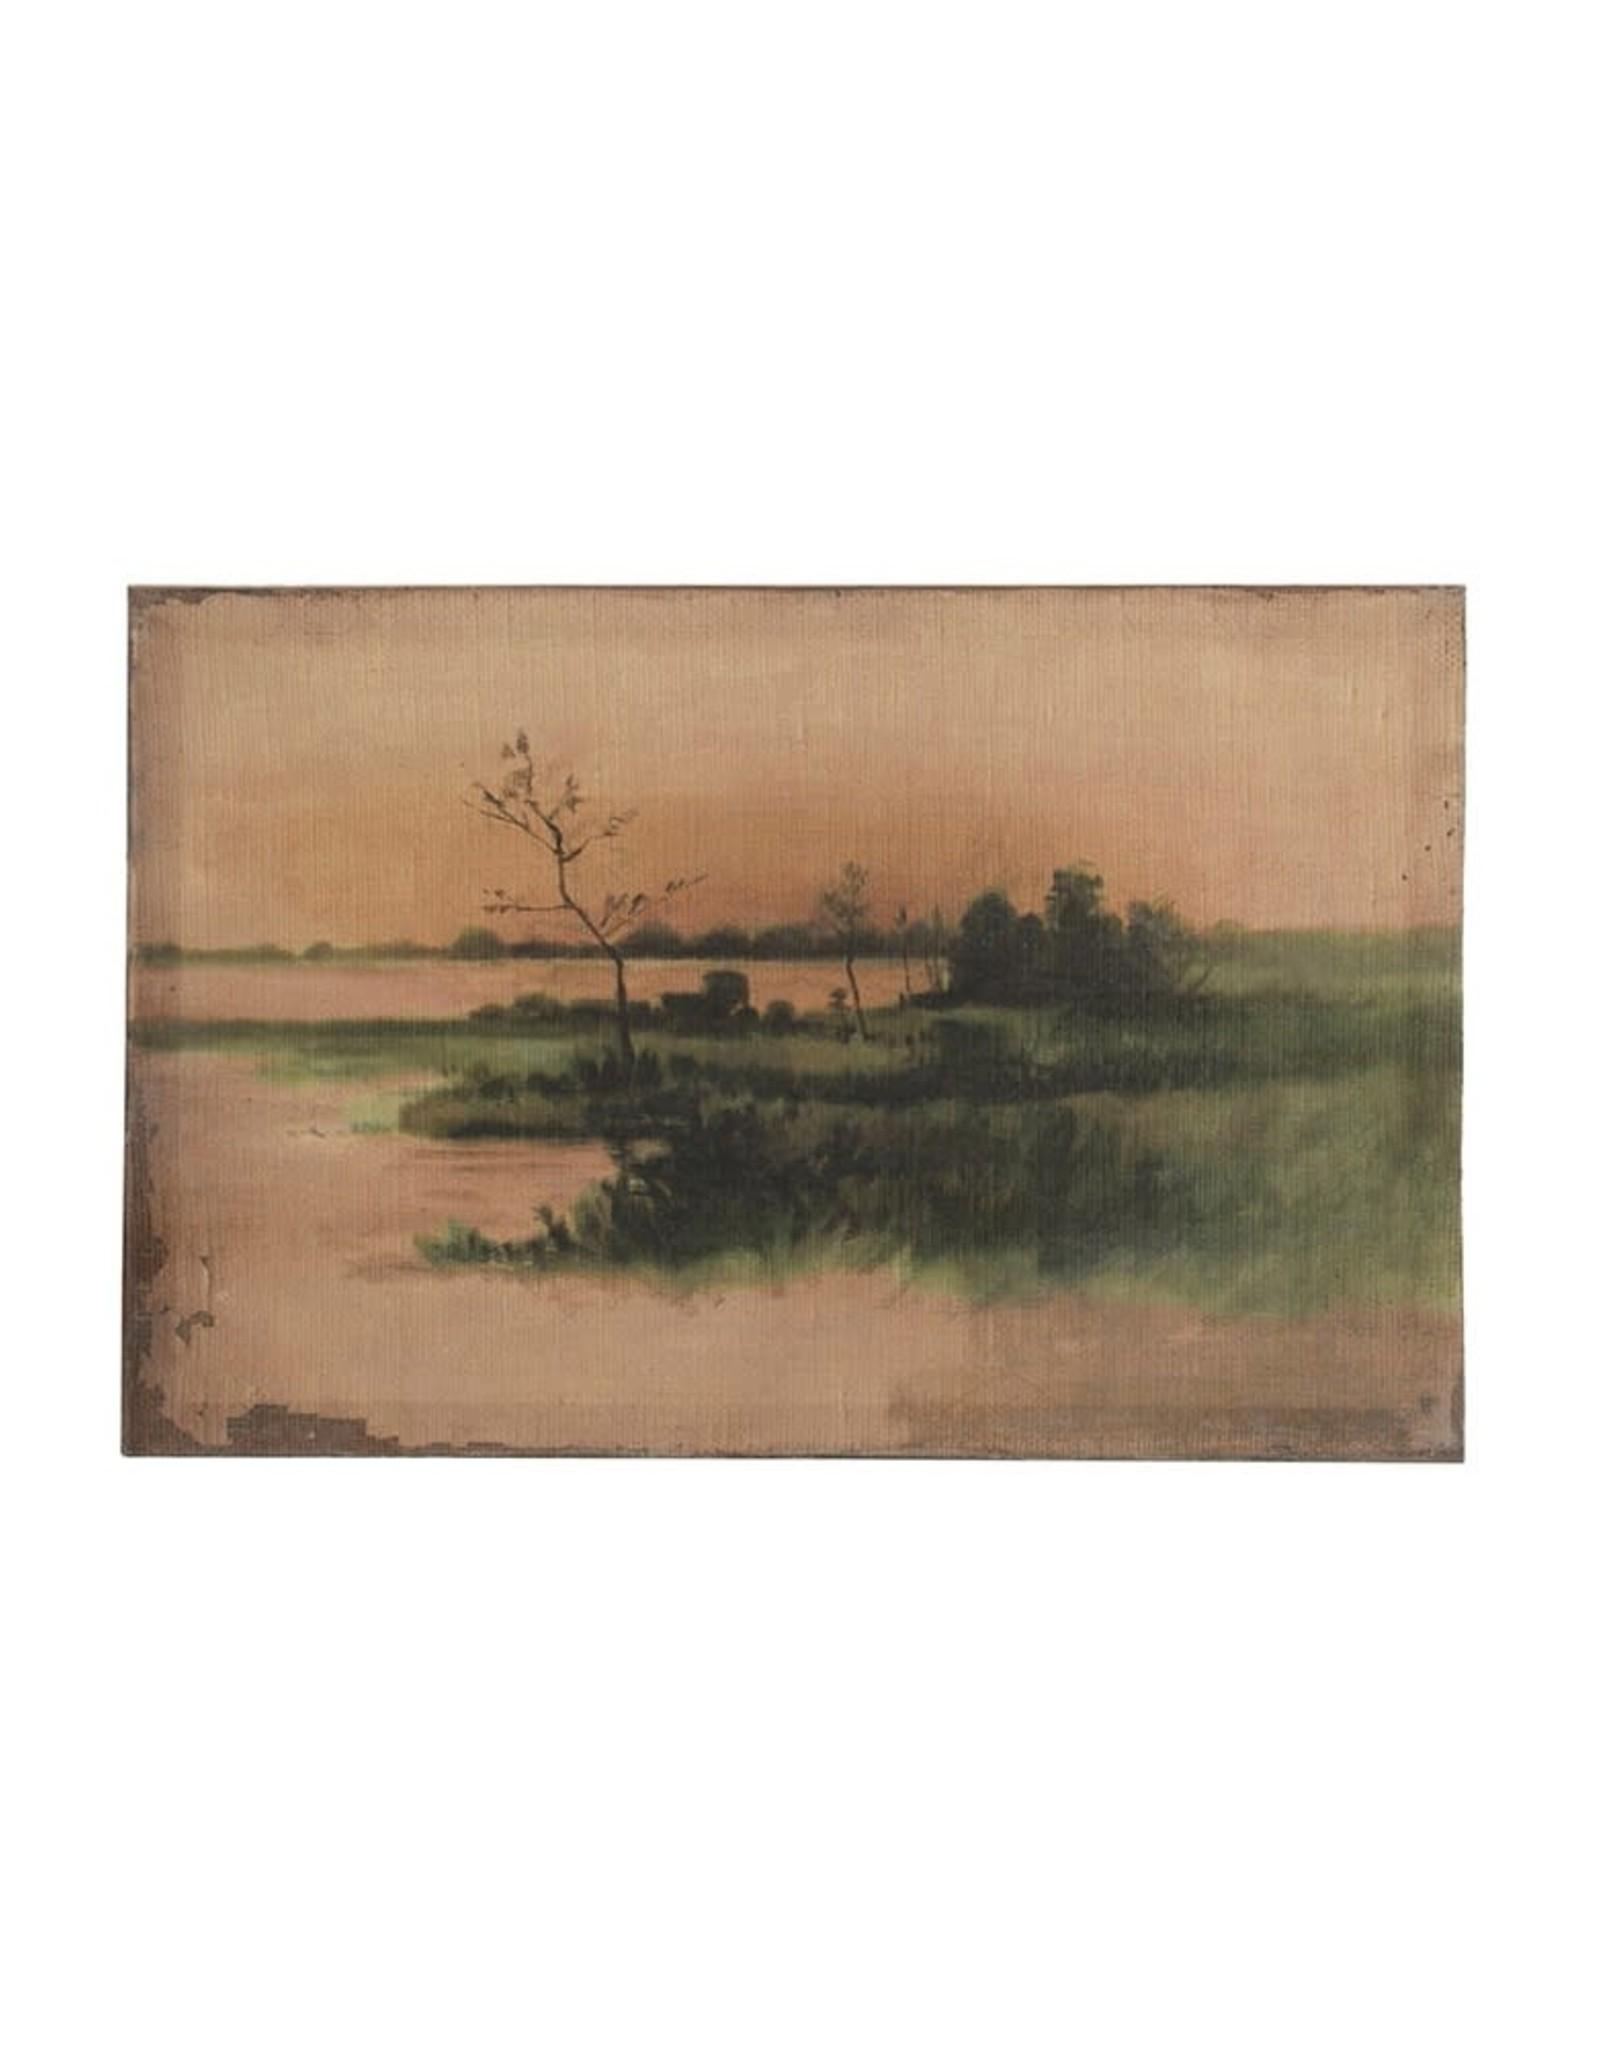 """Vintage Reproduction Landscape Image18""""W x 11-3/4""""H Canvas Wall Decor"""